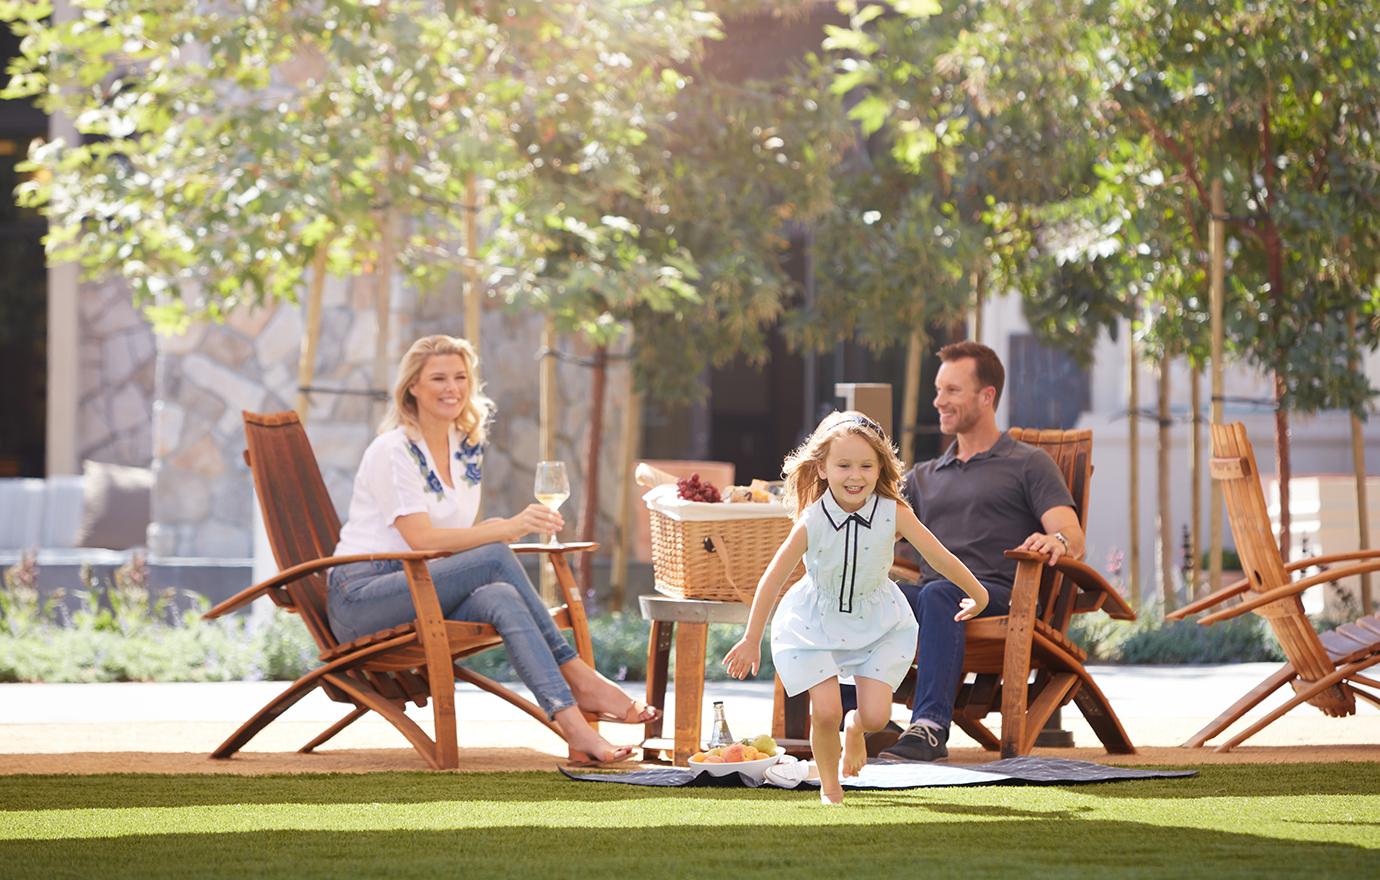 new outdoor amenities